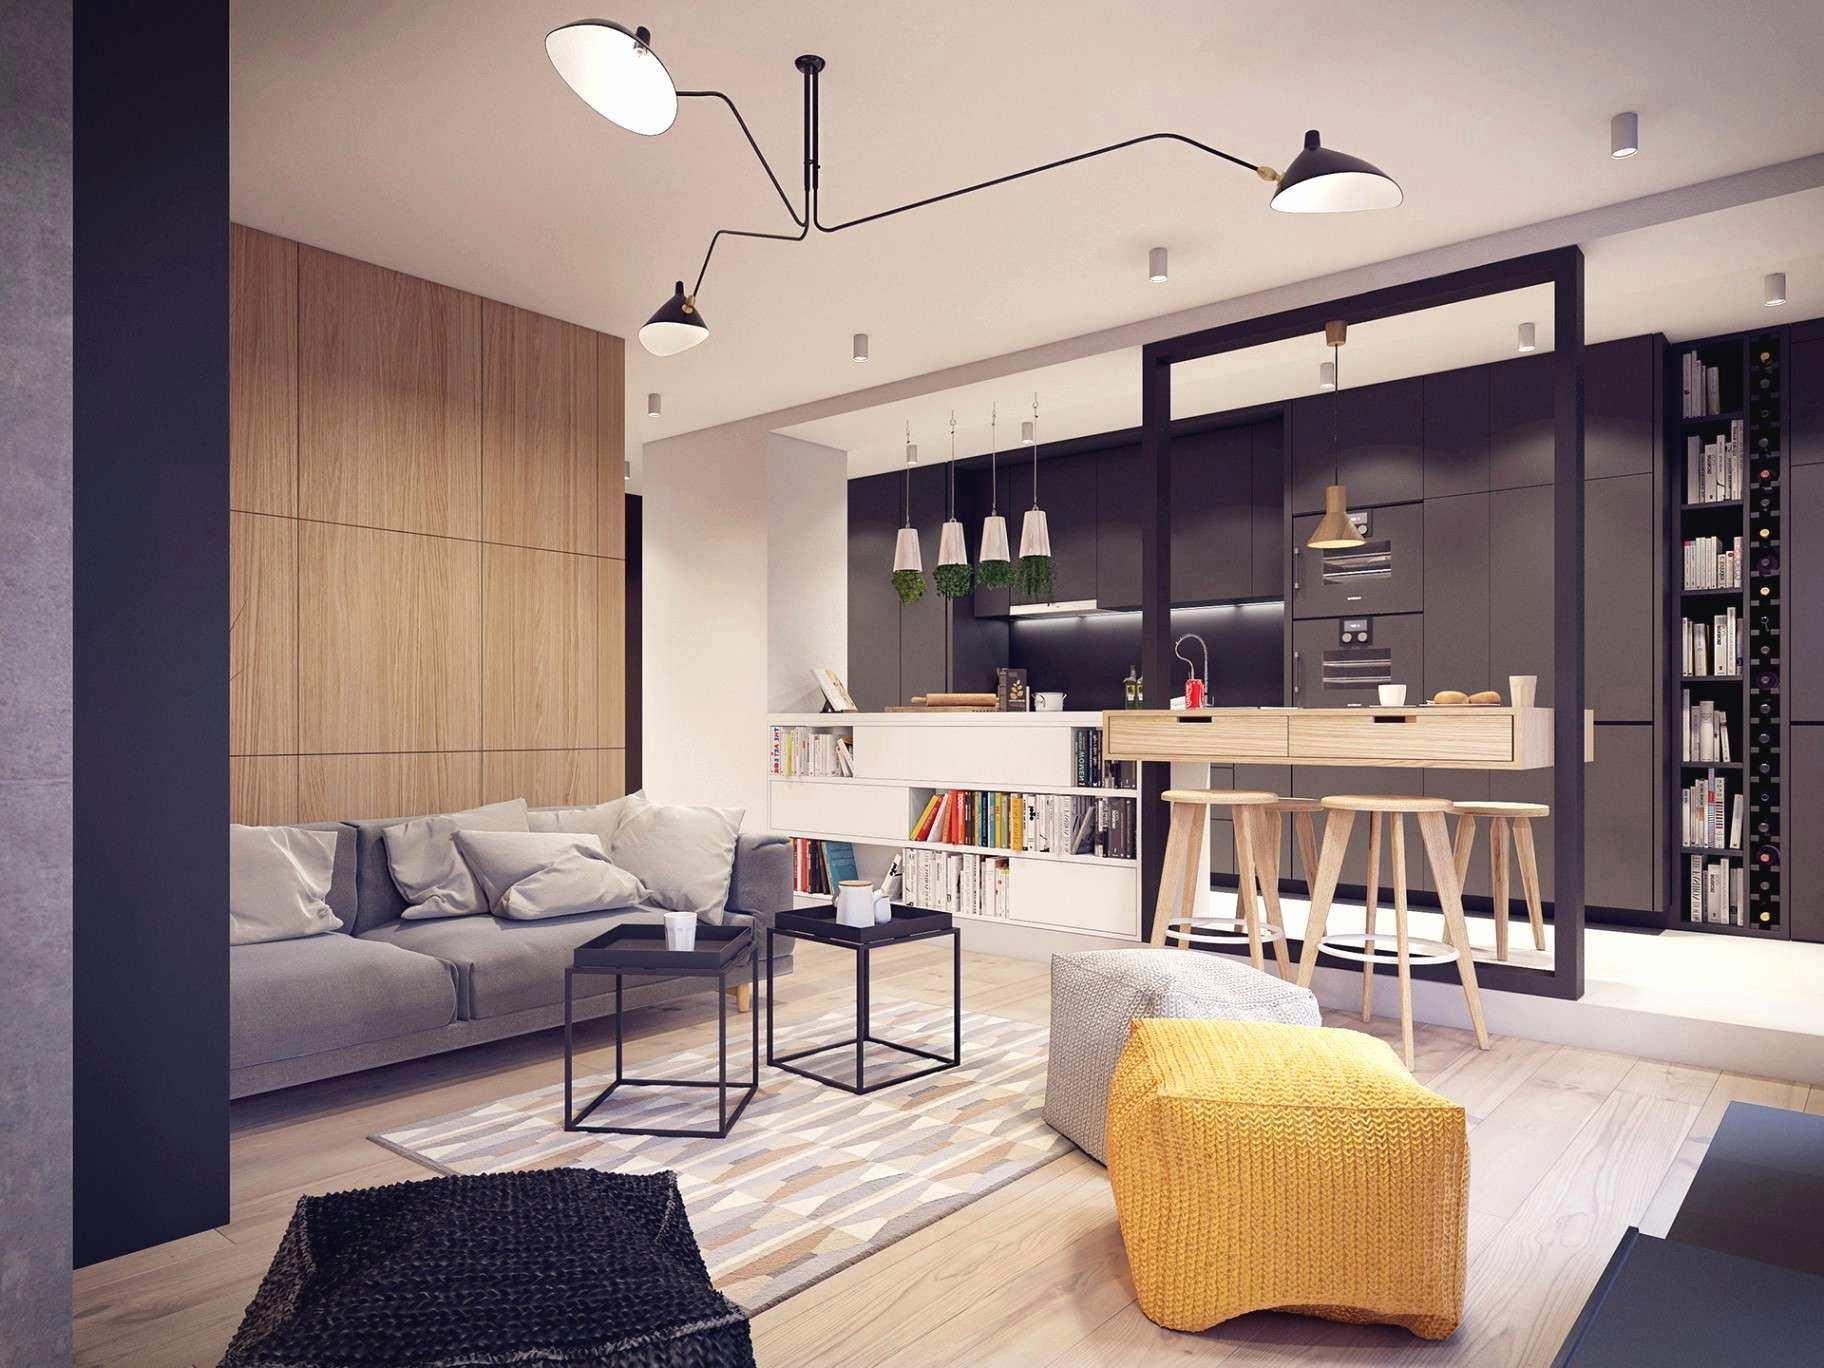 esszimmer lampe design inspirierend modern wand deckenleuchten 0d planen von graue wand deko of graue wand deko